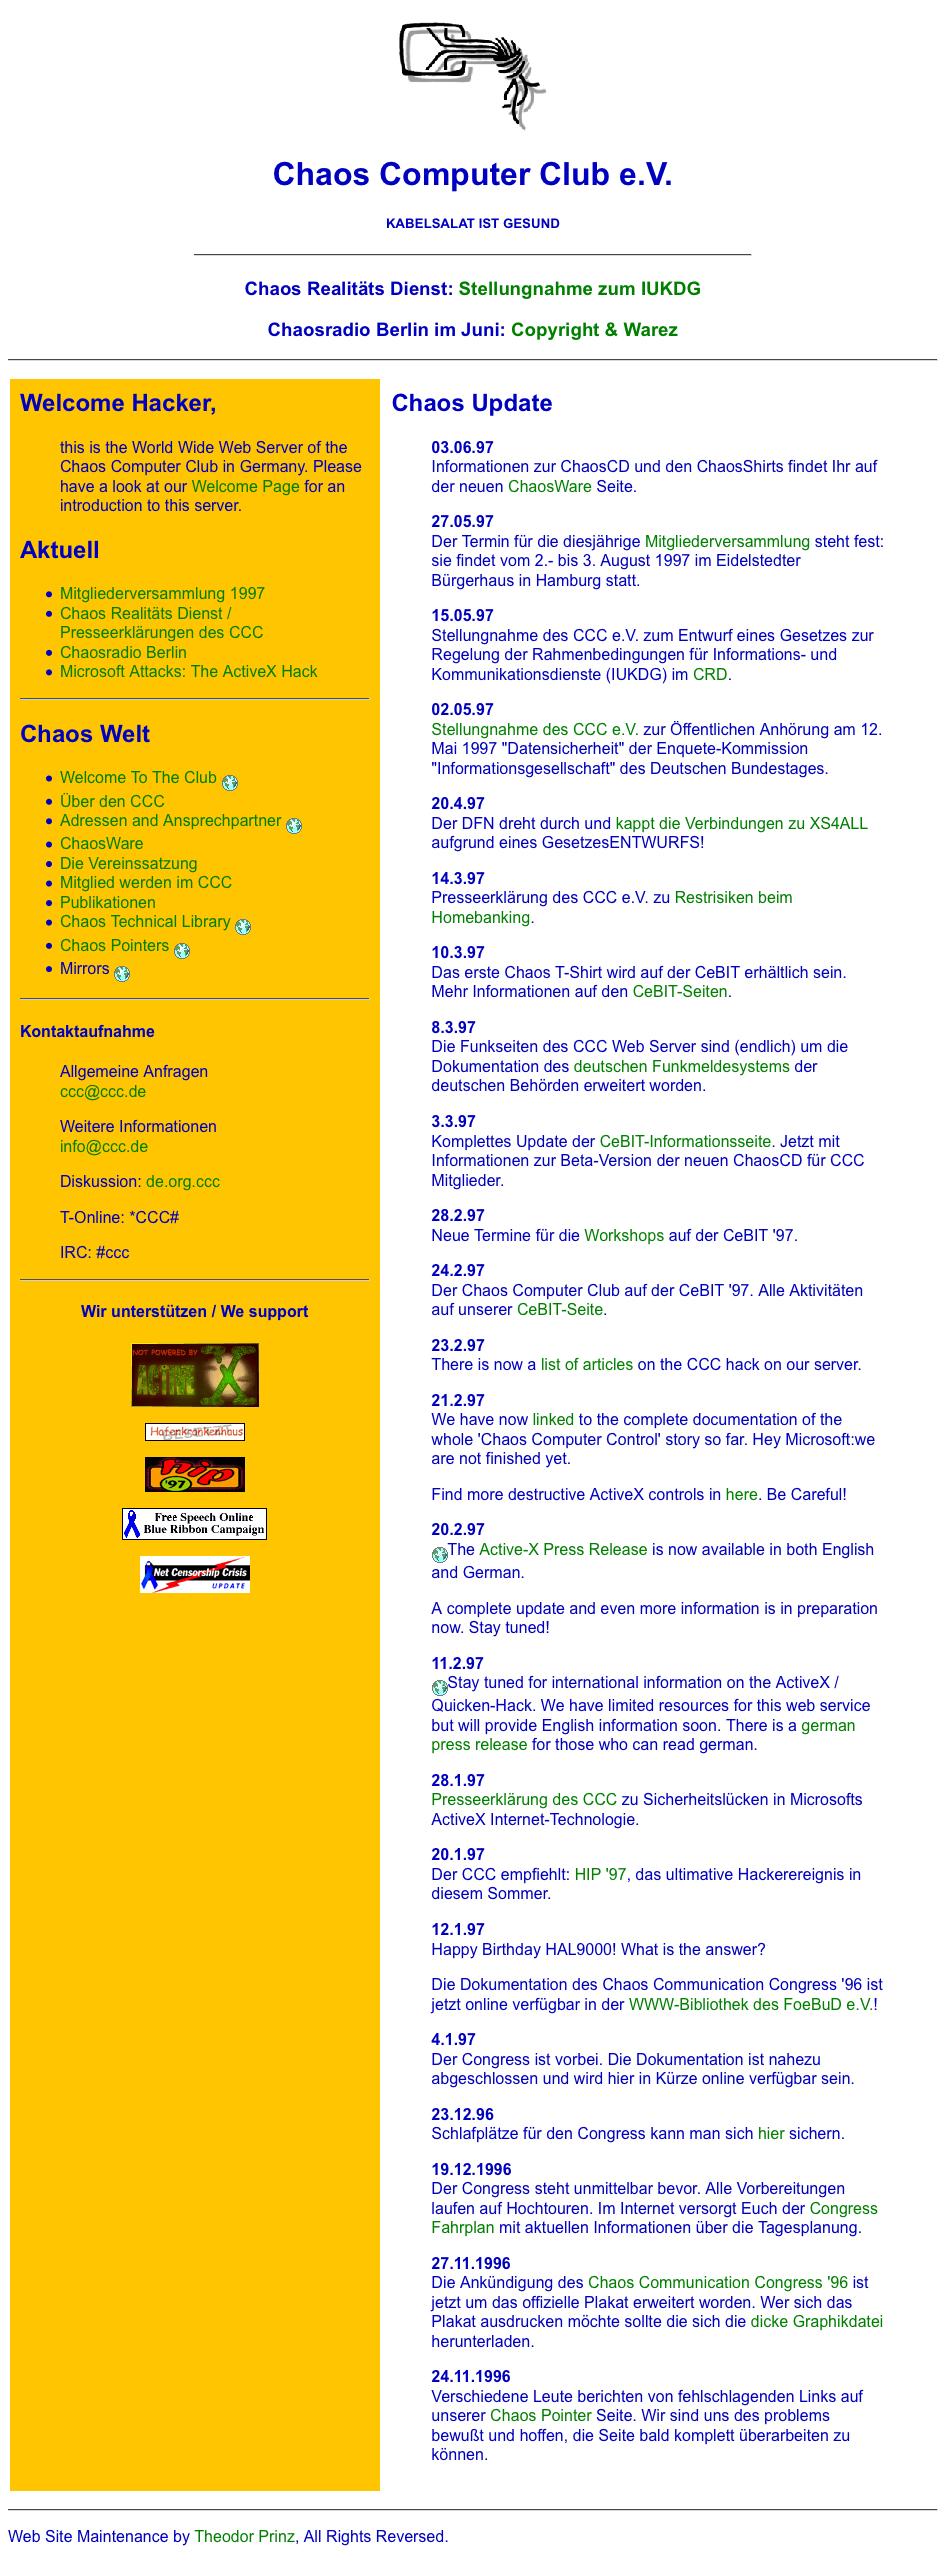 ccc.de-1997